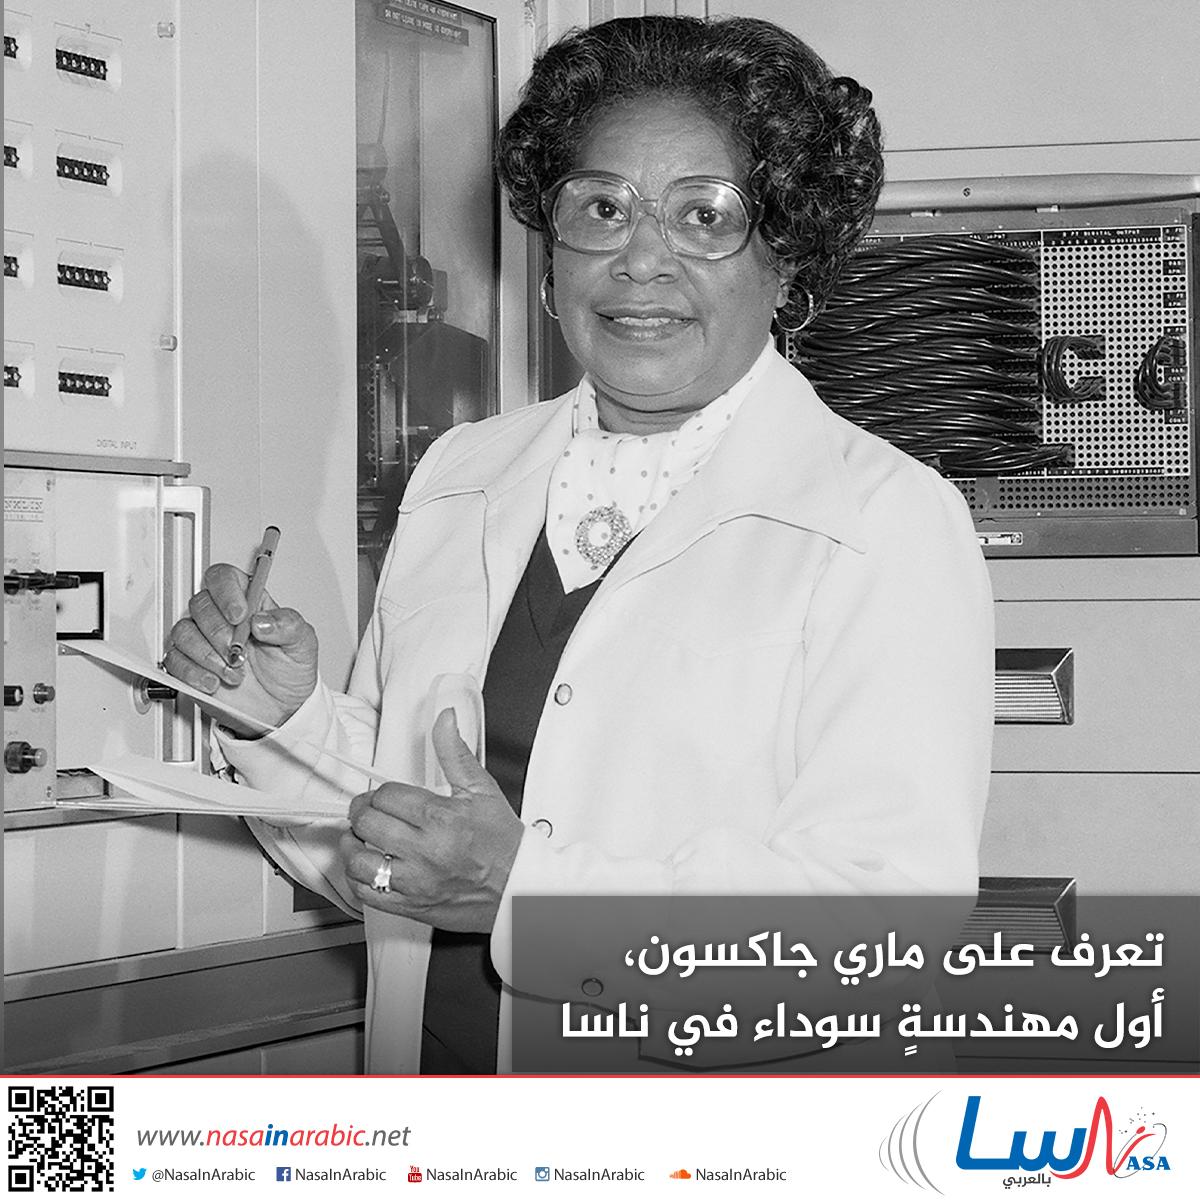 تعرف على ماري جاكسون، أول مهندسةٍ سوداء في ناسا